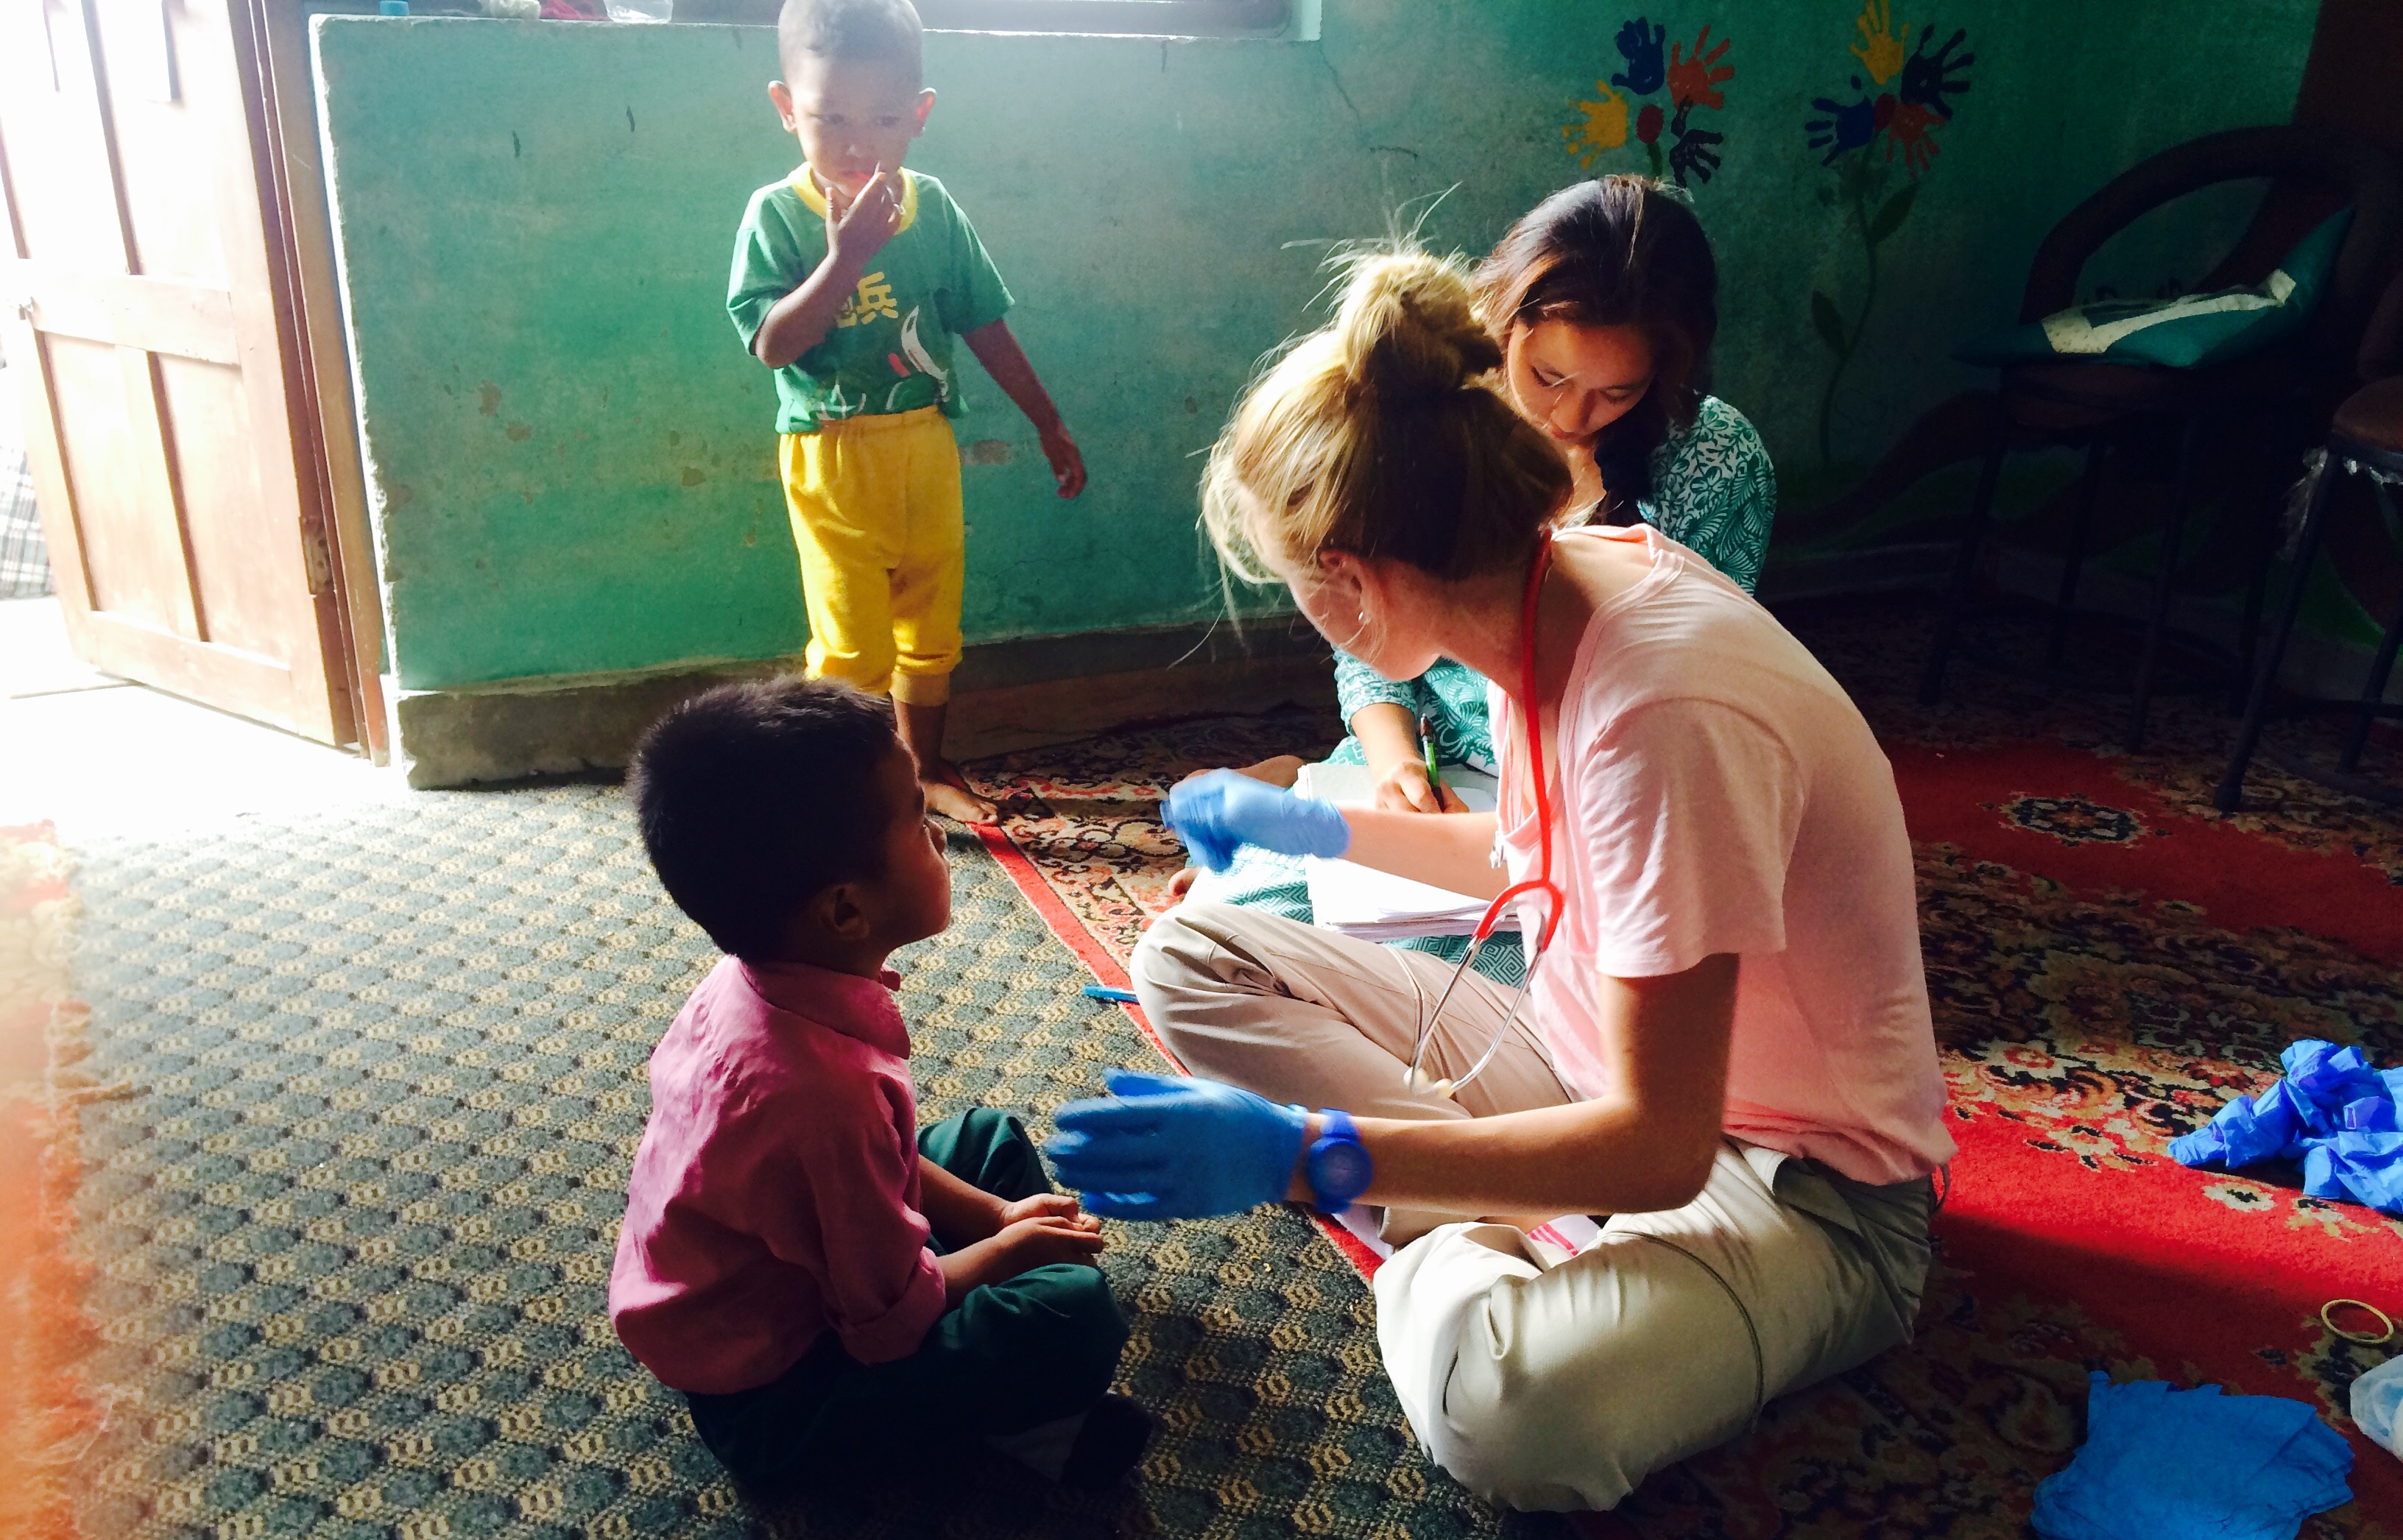 Ms Jarvie turned 30 while volunteering in Nepal